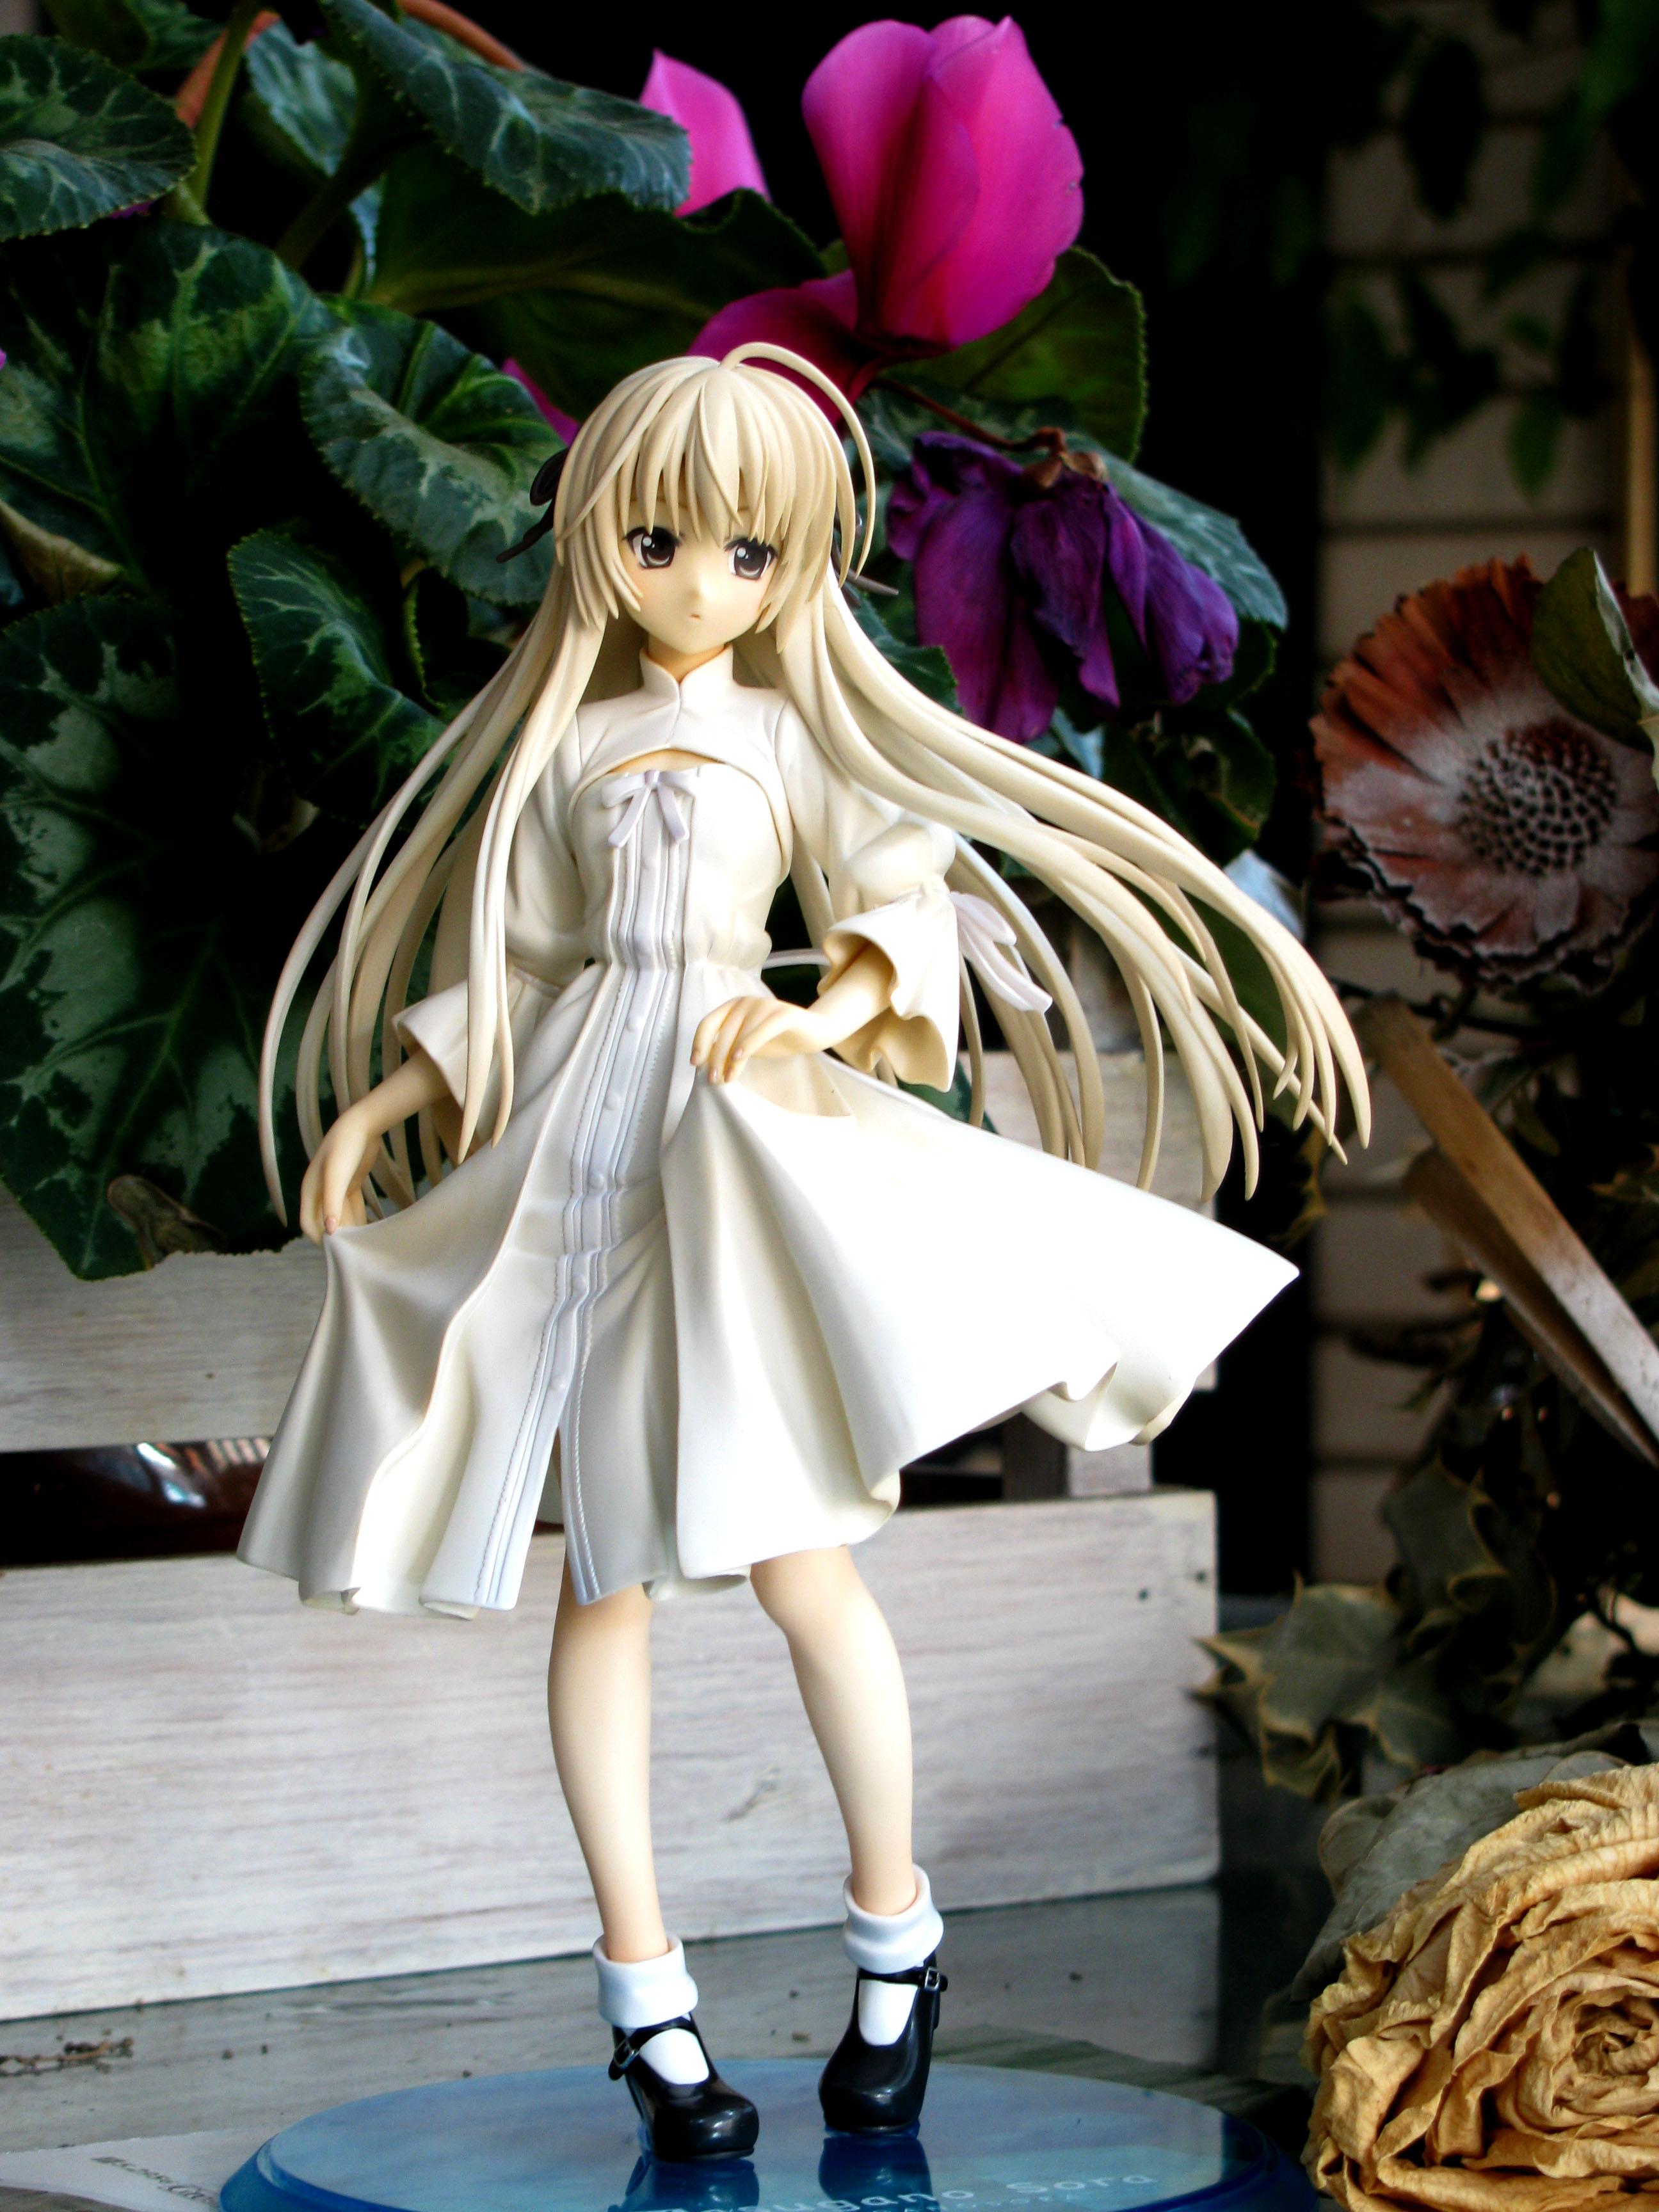 long_hair alter sphere otsuyama_houjun yosuga_no_sora kasugano_sora hair_ribbons elegant